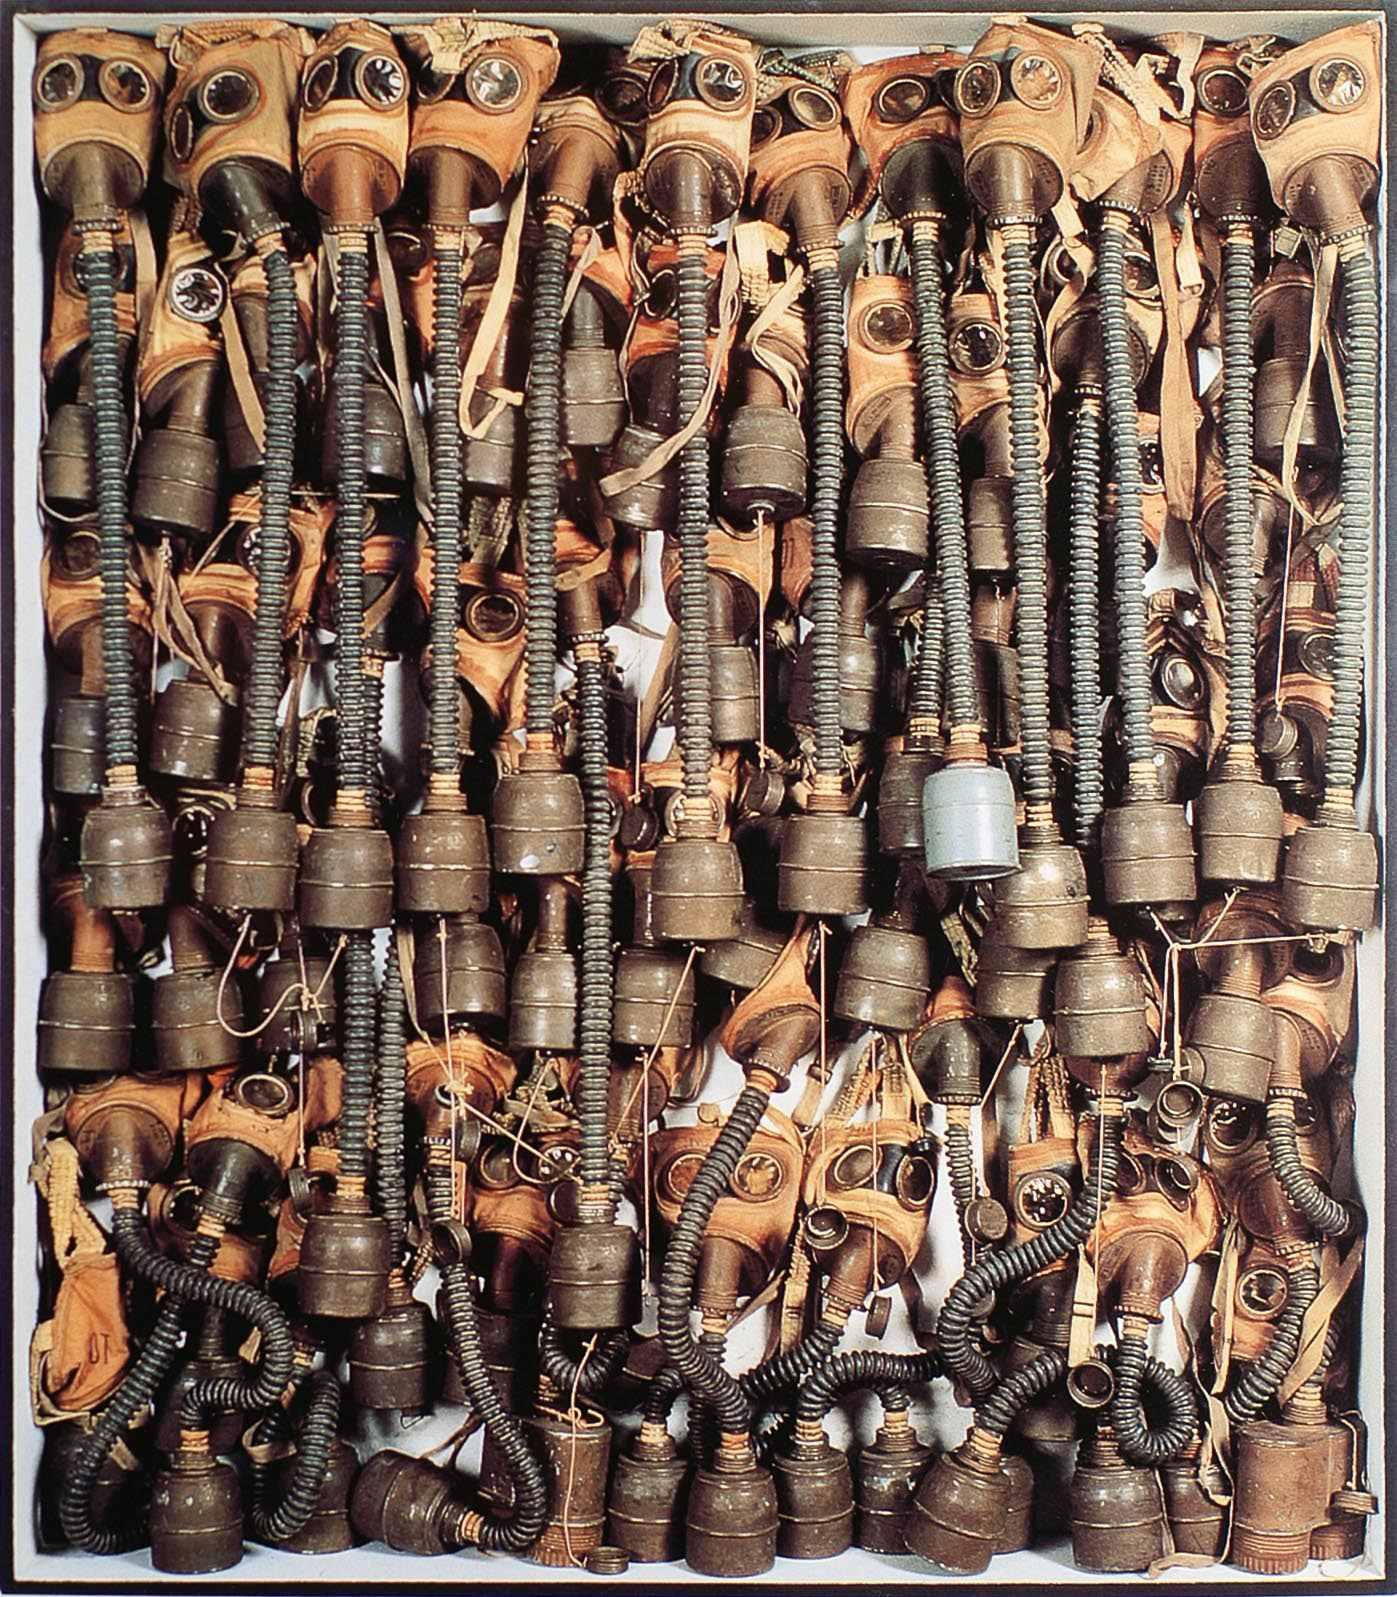 Extrêmement Arman, 3e,Les Nouveaux réalistes, objet d'étude | garrus art XU07